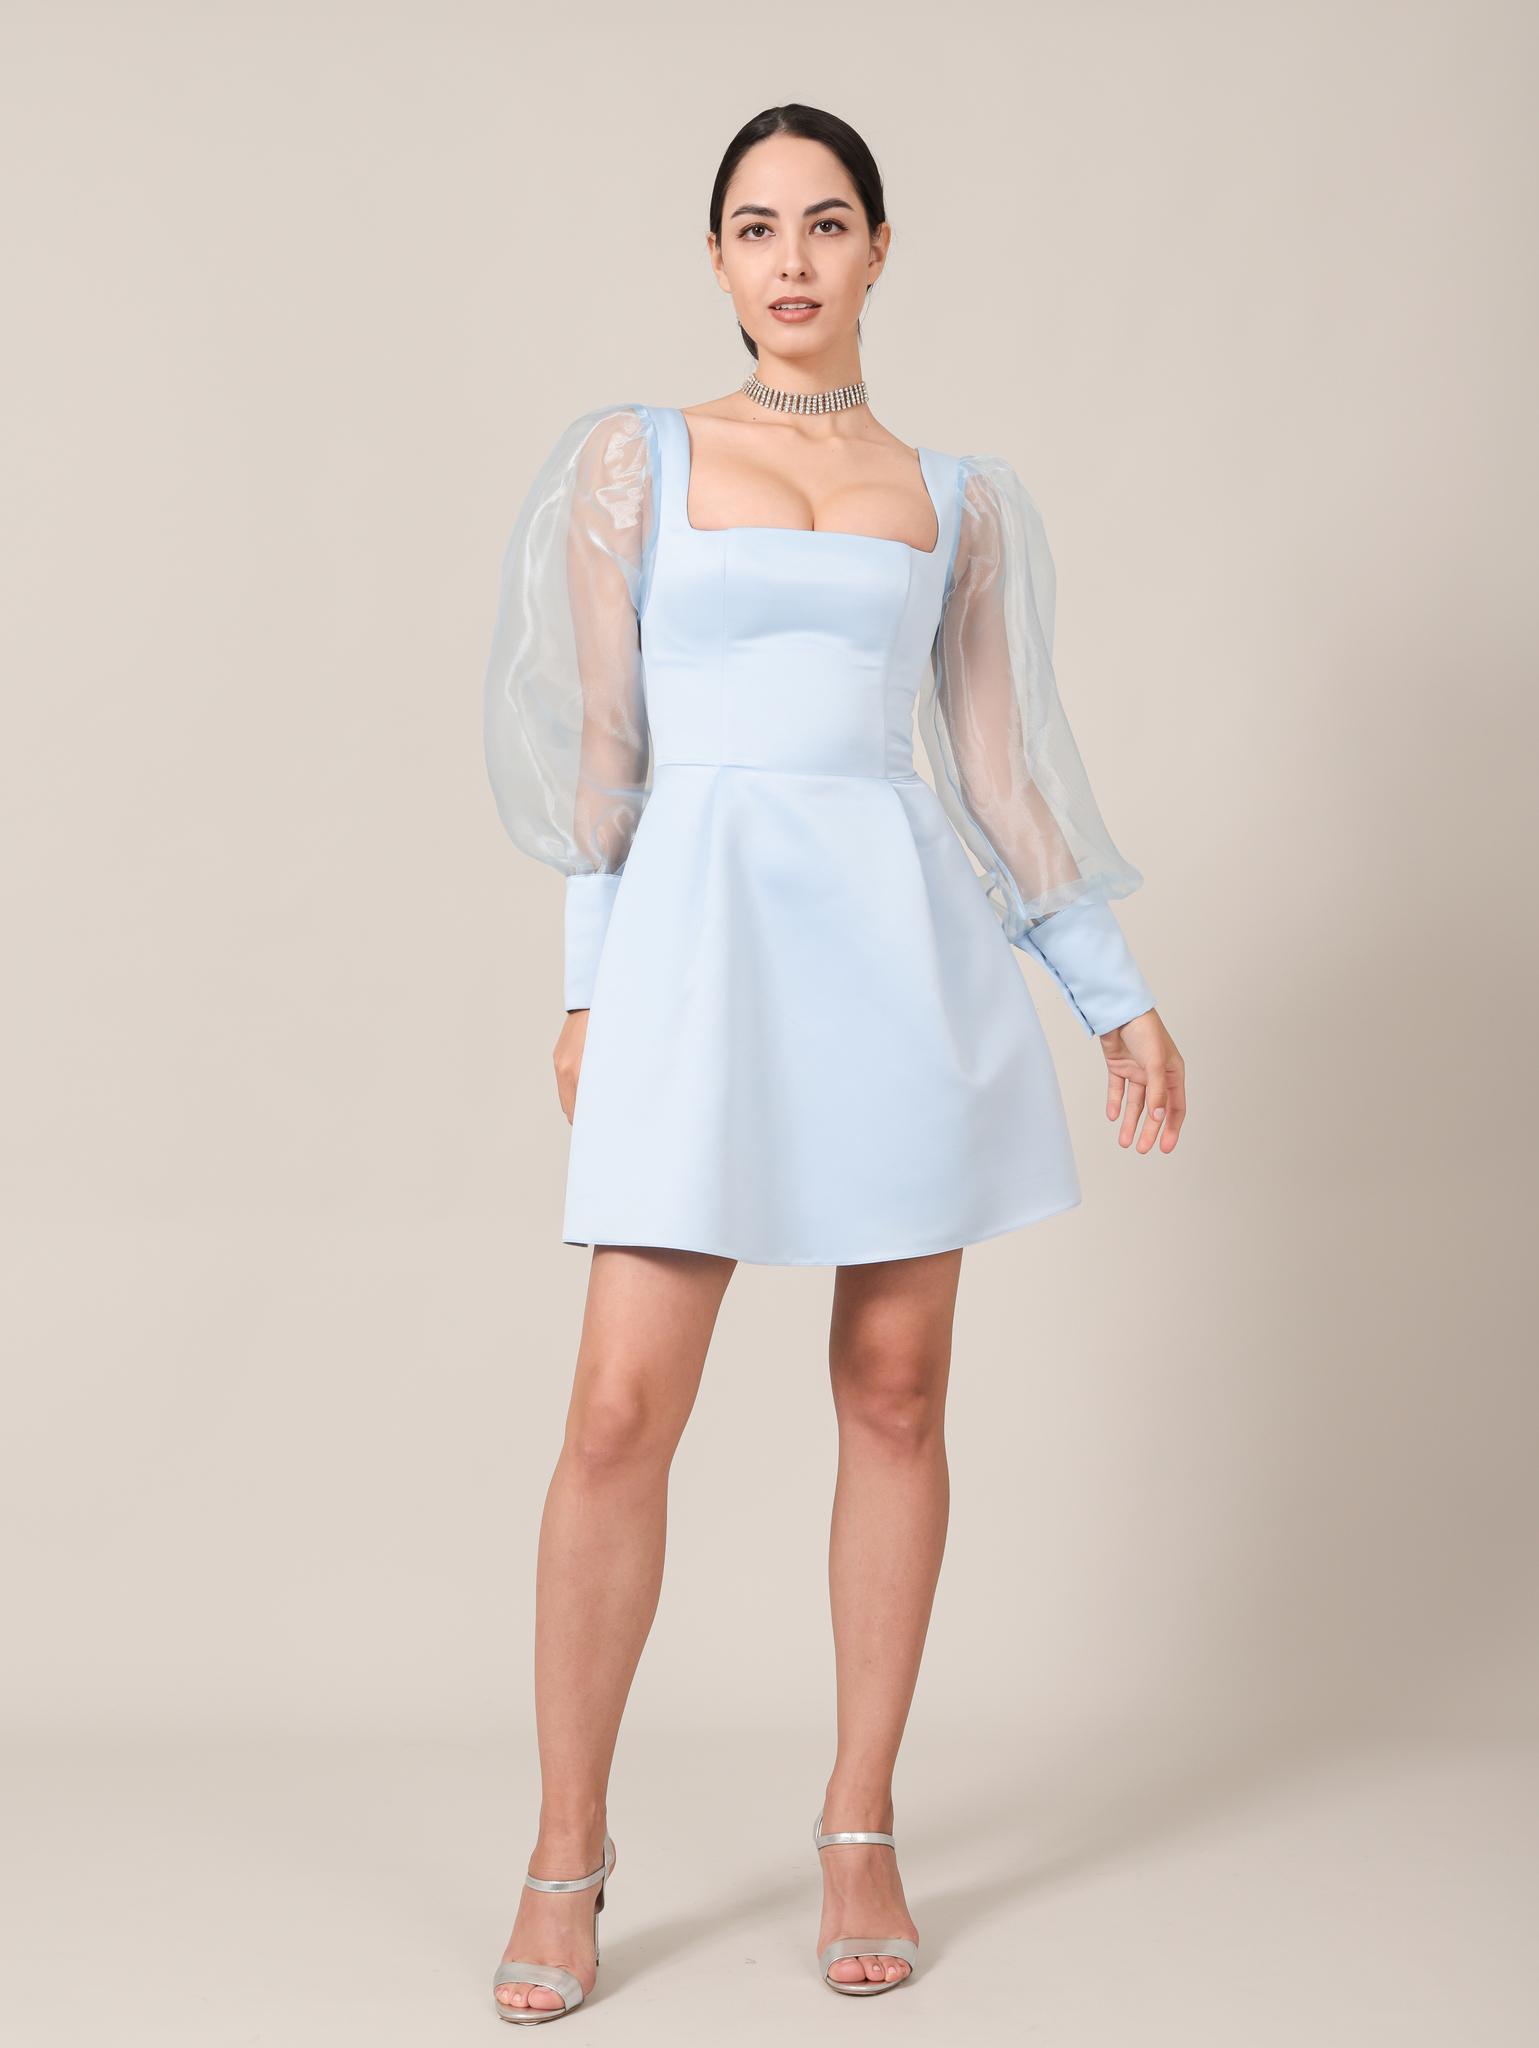 Вечернее платье / Нарядное платье с квадратным вырезом и длинными рукавами из фатина мини (голубой)